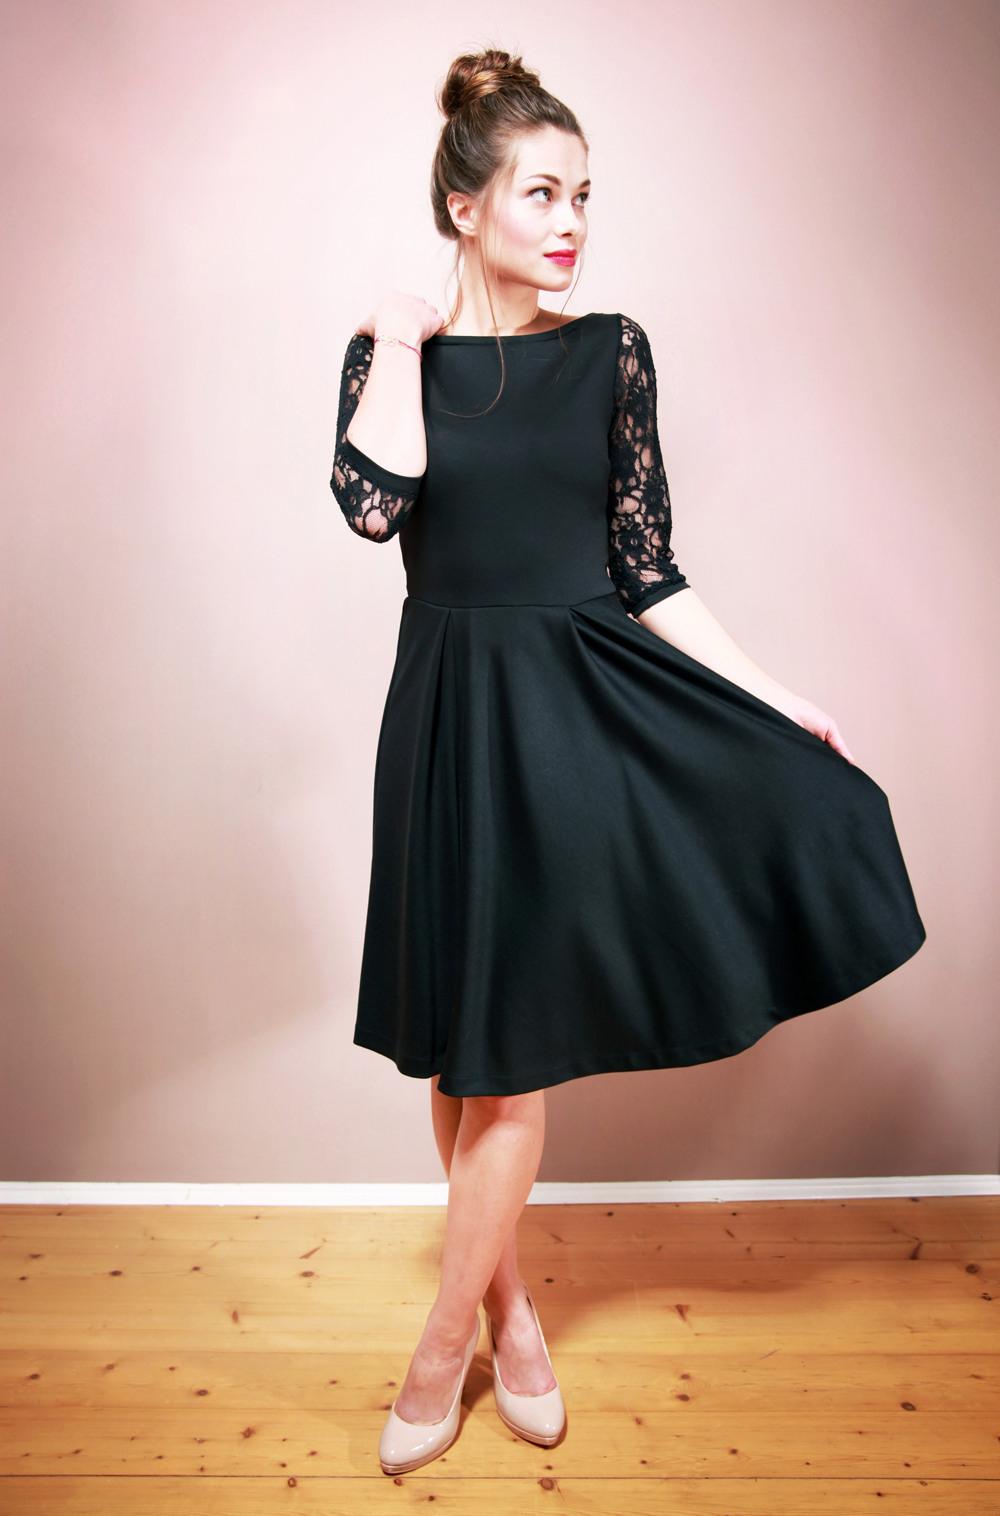 Abend Luxurius Kleid Nachtblau Boutique13 Schön Kleid Nachtblau Bester Preis